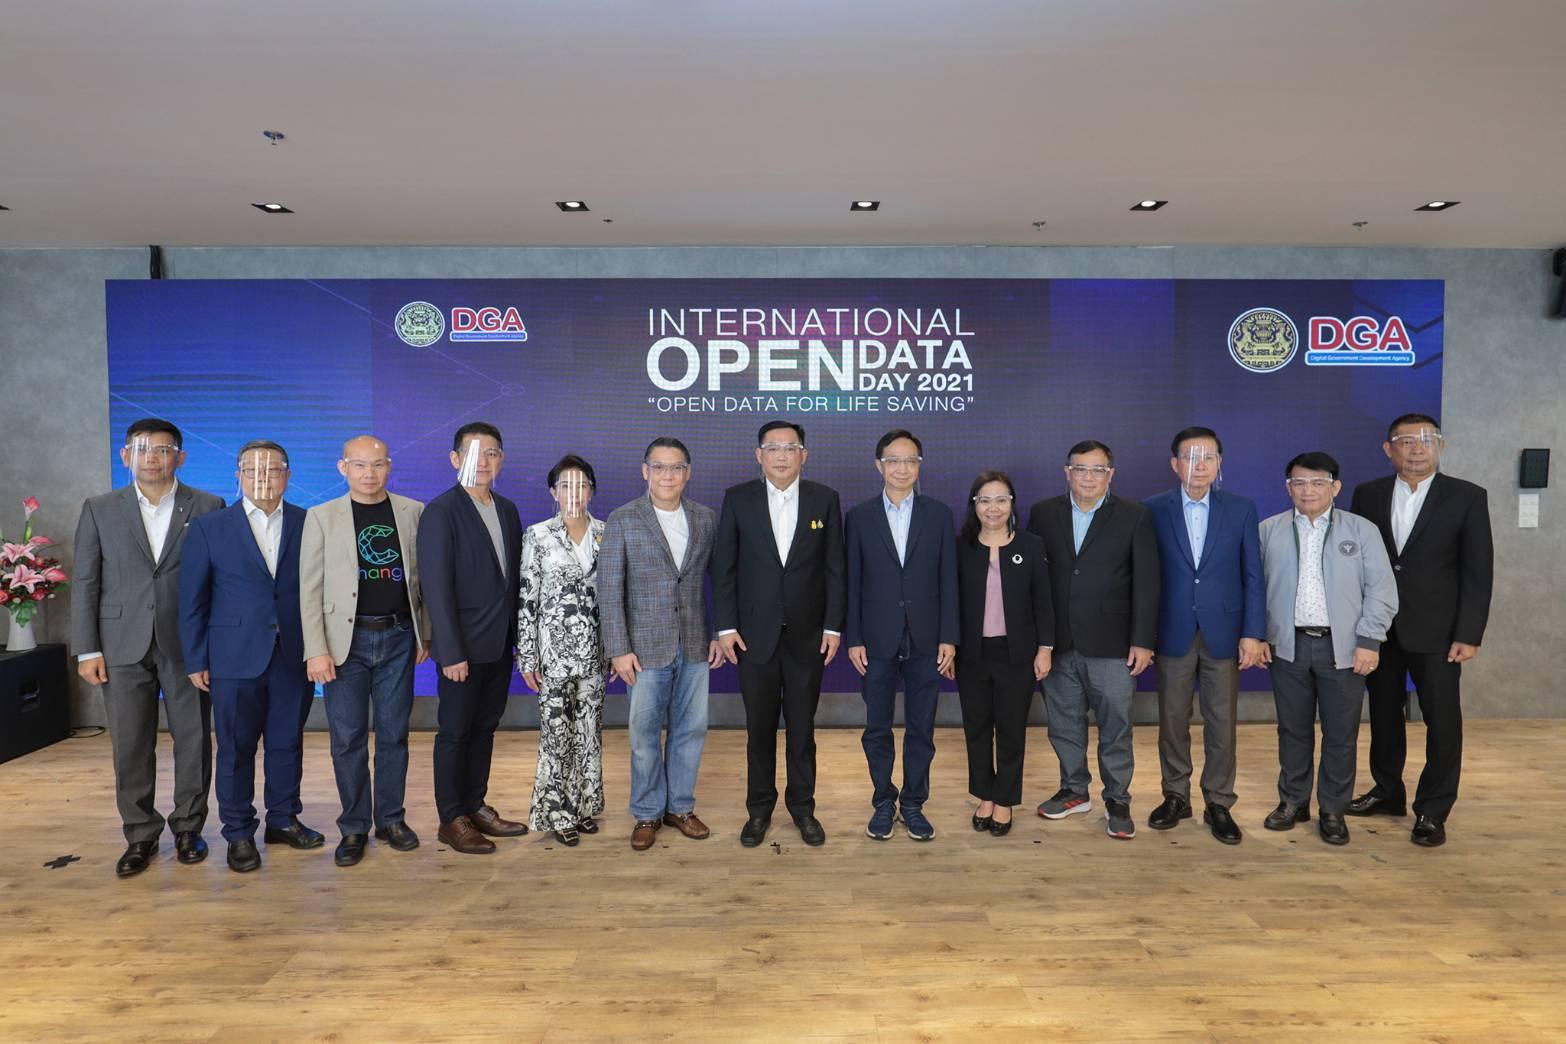 """รัฐบาลหนุน """"ข้อมูลเปิด เพื่อชีวิต"""" จัดงานวันข้อมูลเปิดนานาชาติ ประจำปี 2564 (International Open Data Day 2021) พร้อมเร่งหน่วยงานรัฐเปิดข้อมูลที่เป็นเว็บไซต์ data.go.th ให้ประชาชนโหลดไปใช้ประโยชน์ฟรี!!"""